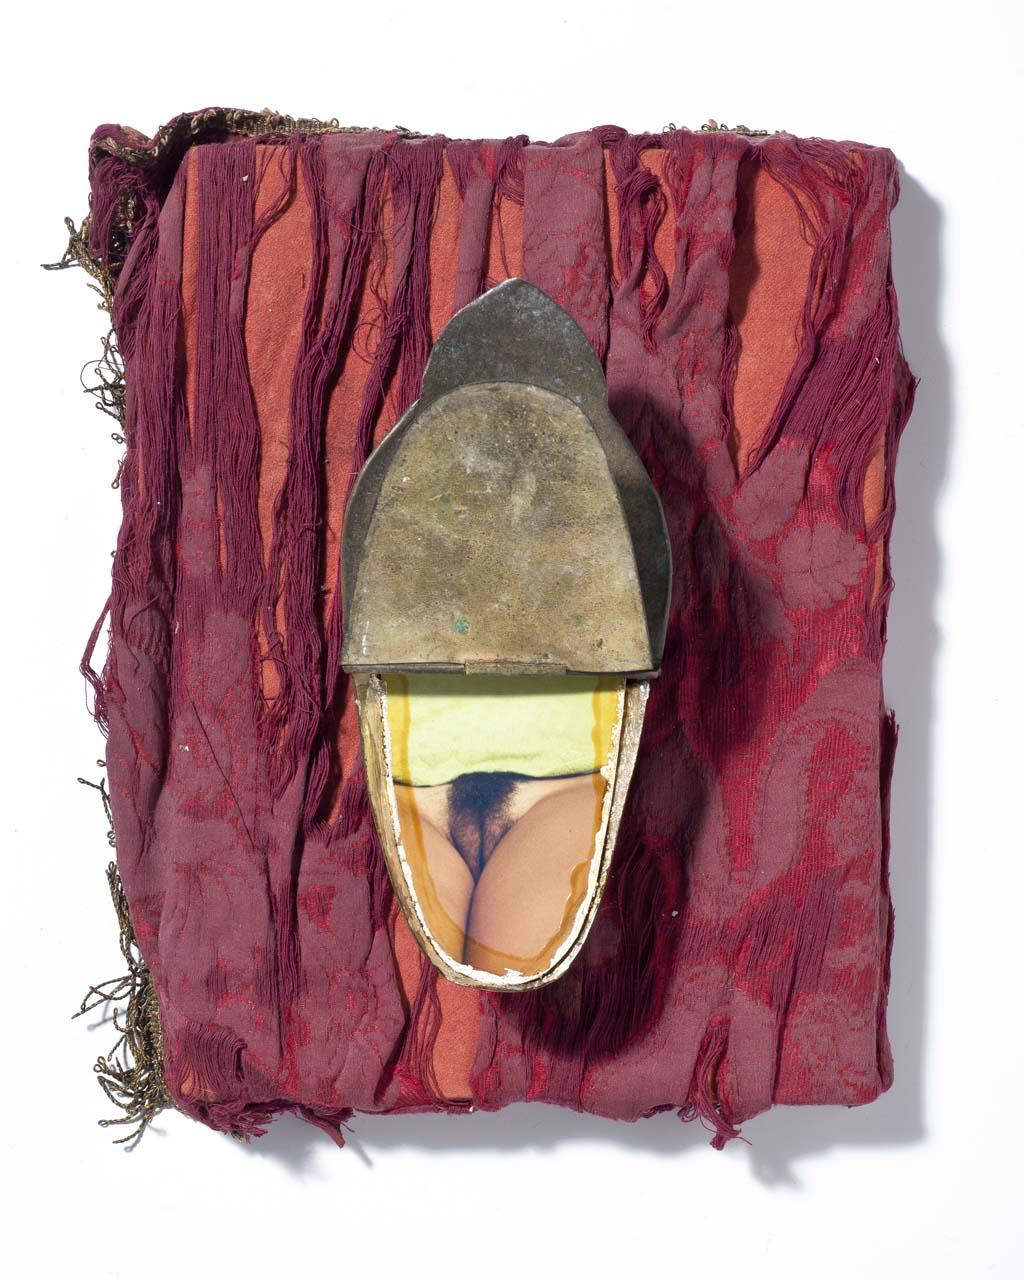 Corrado Anelli, Amor Sacro Amor Profano, tecnica mista (assemblaggio), Teramo 2005, coll. priv., courtesy l'artista